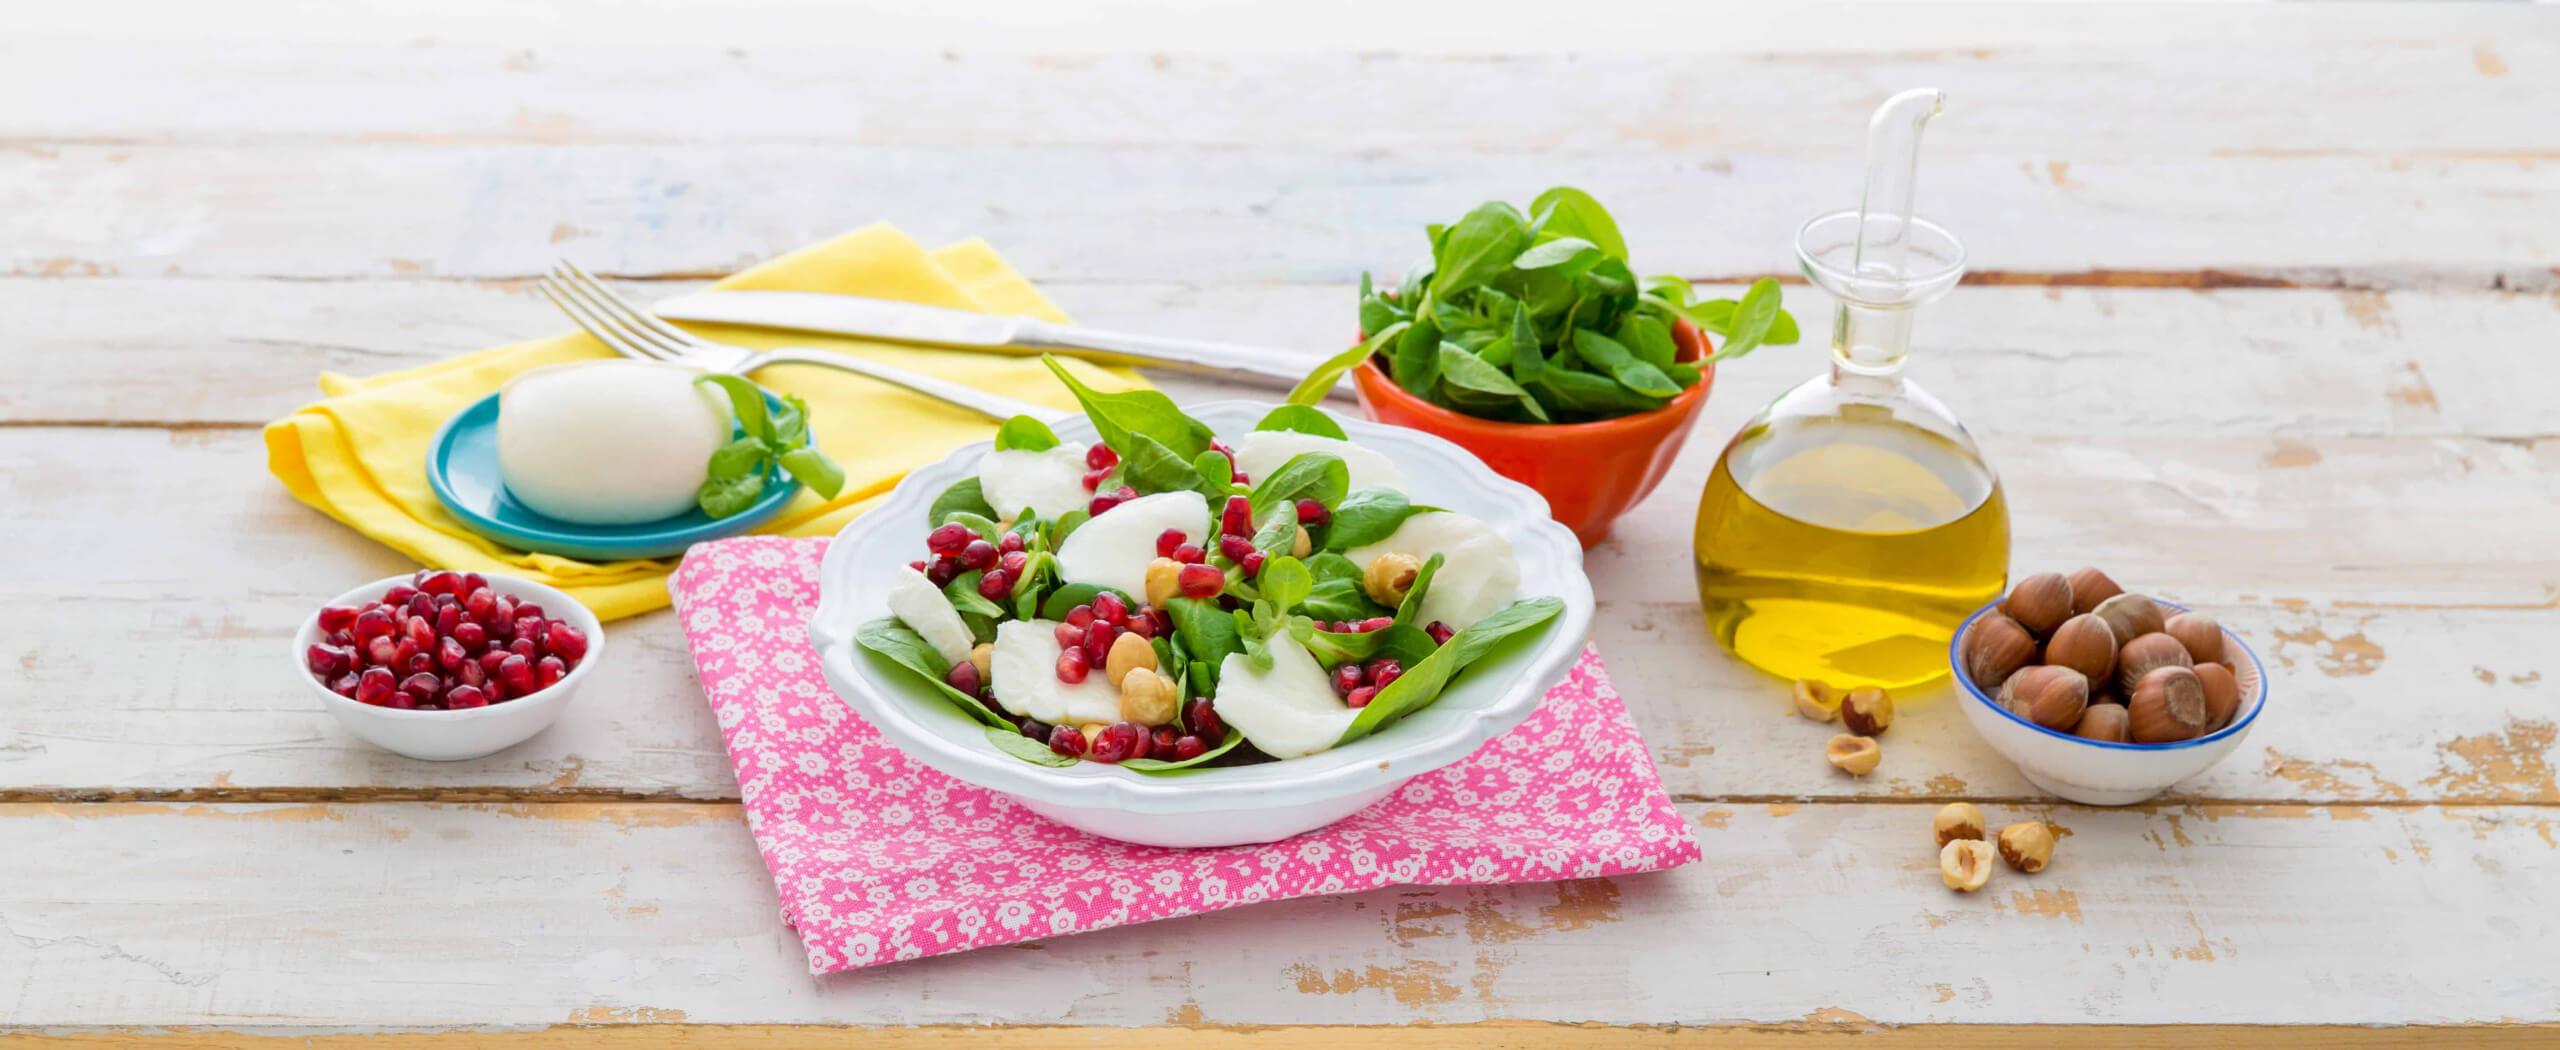 Galbani Mozzarella di Latte di Bufala Maxi, Pomegranate and Spinach salad - Galbani